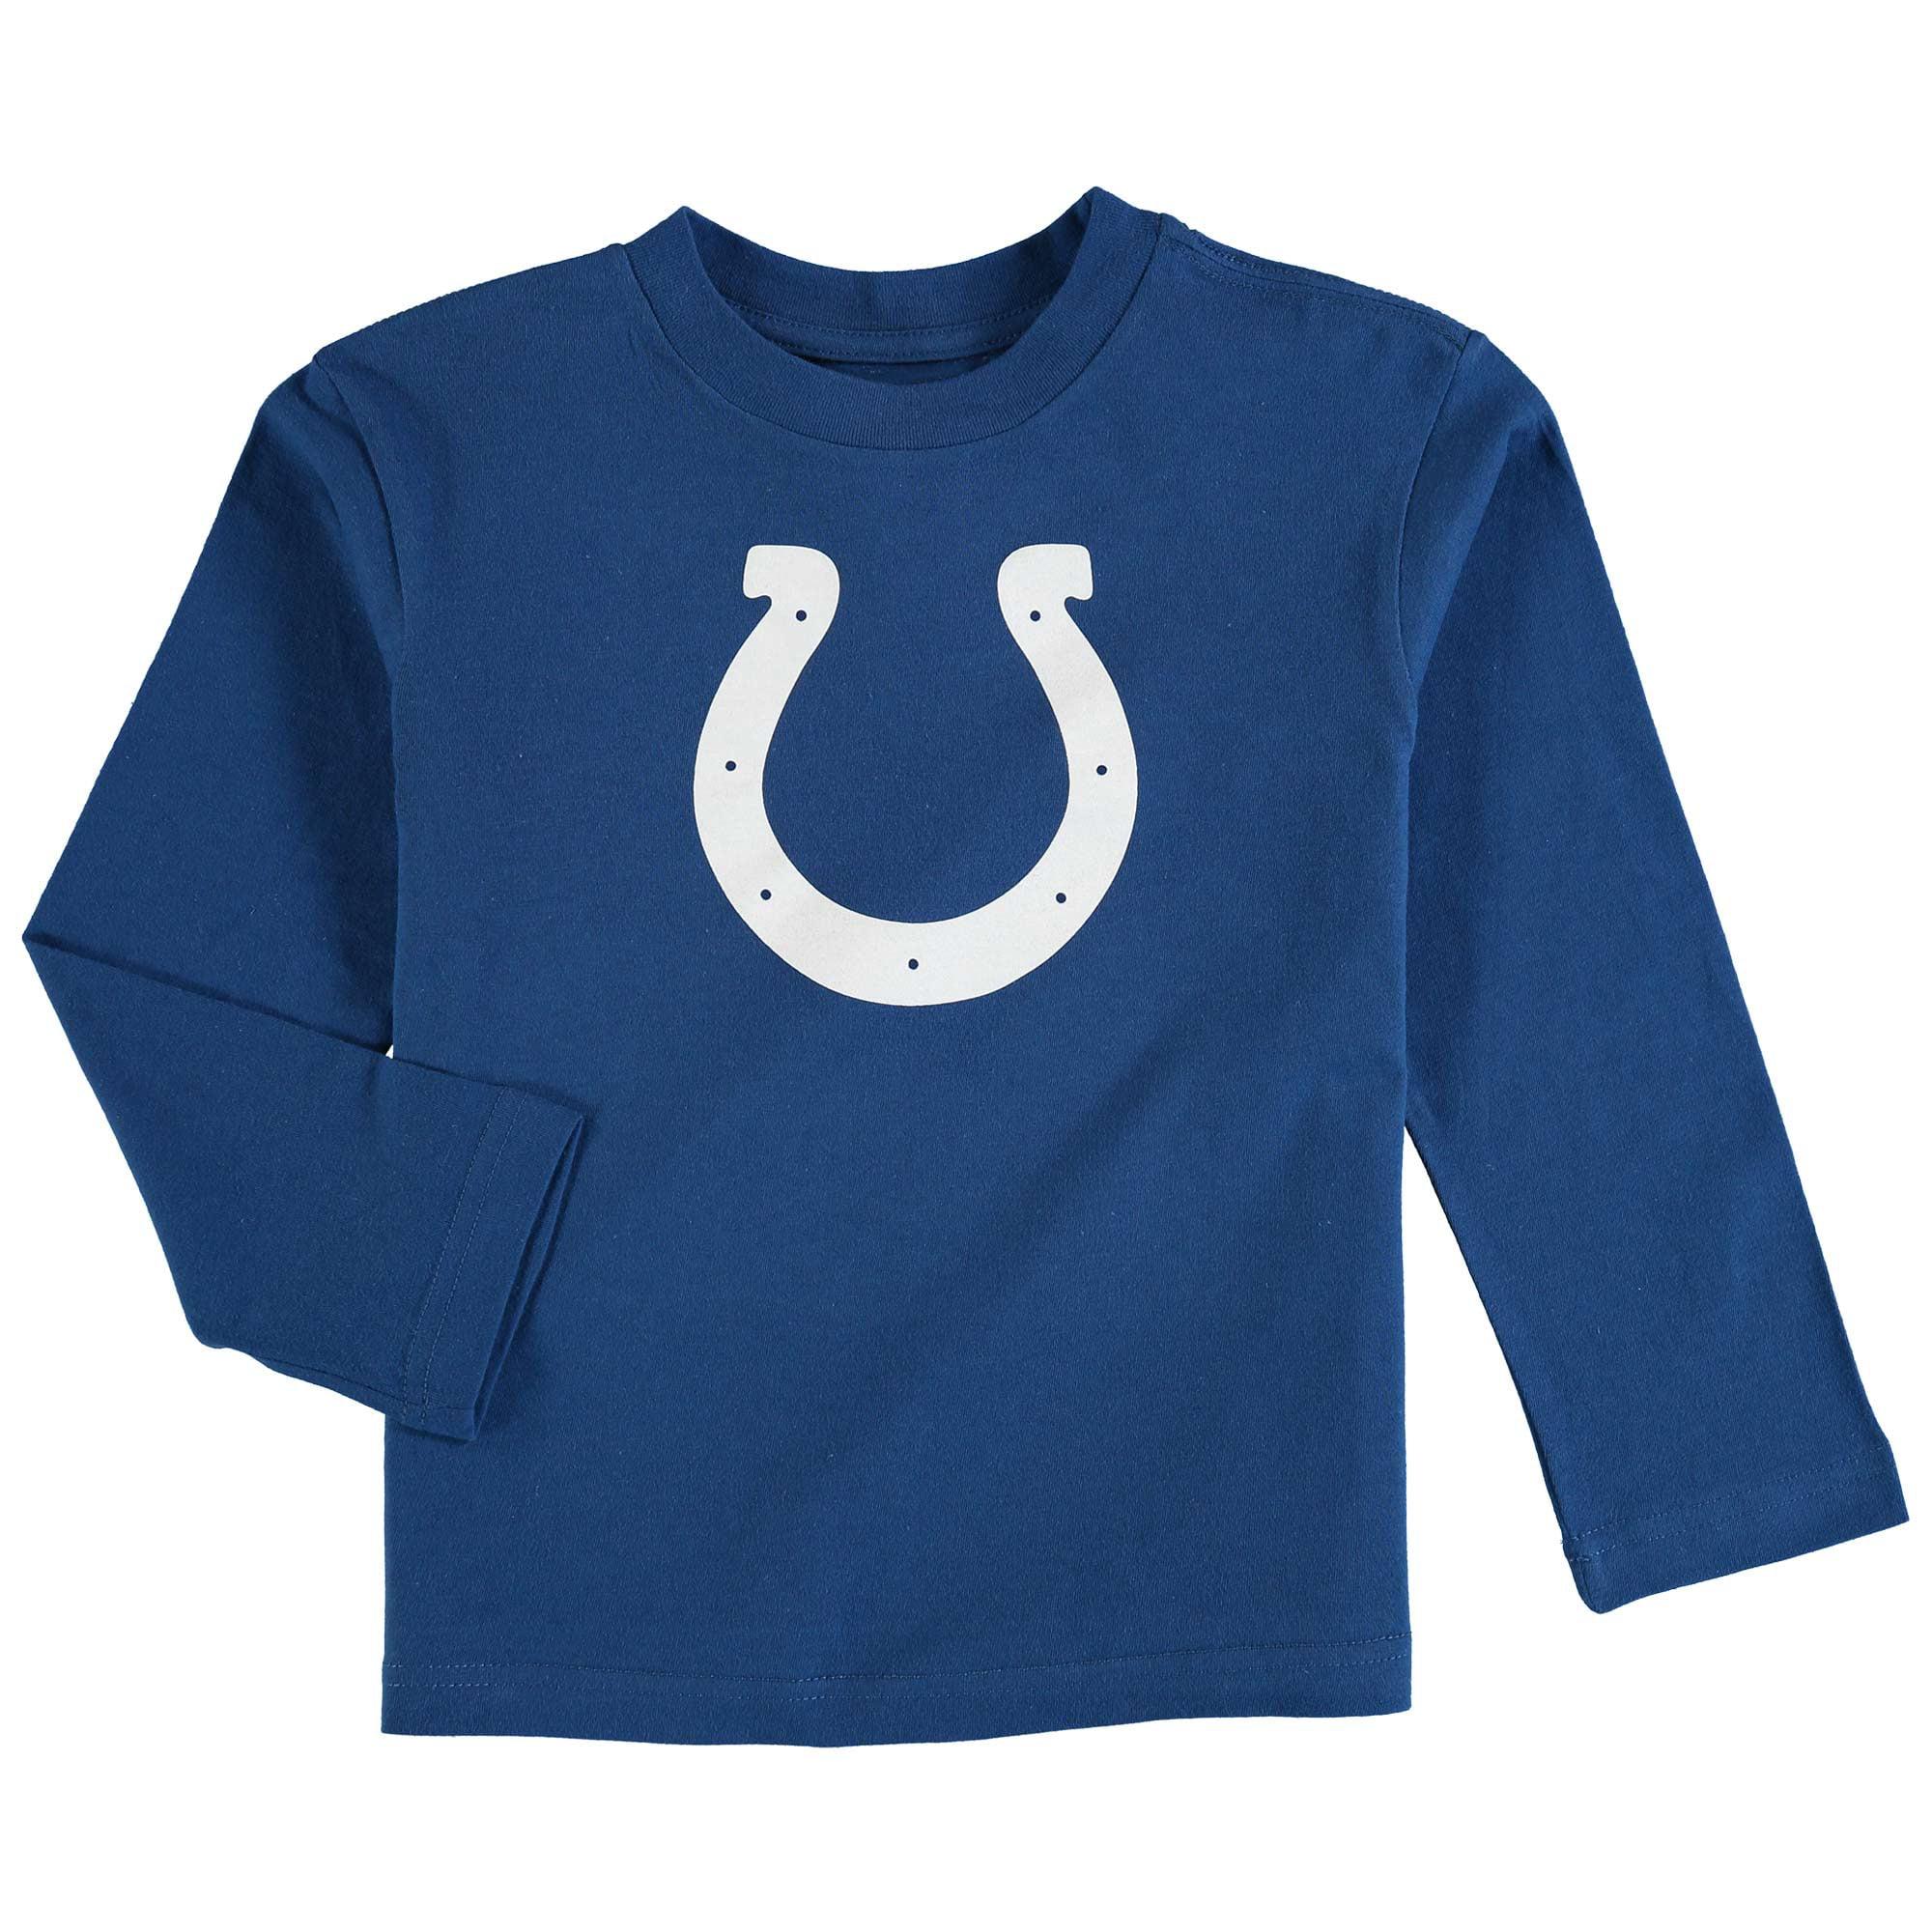 Indianapolis Colts Toddler Team Logo Long Sleeve T-Shirt - Royal